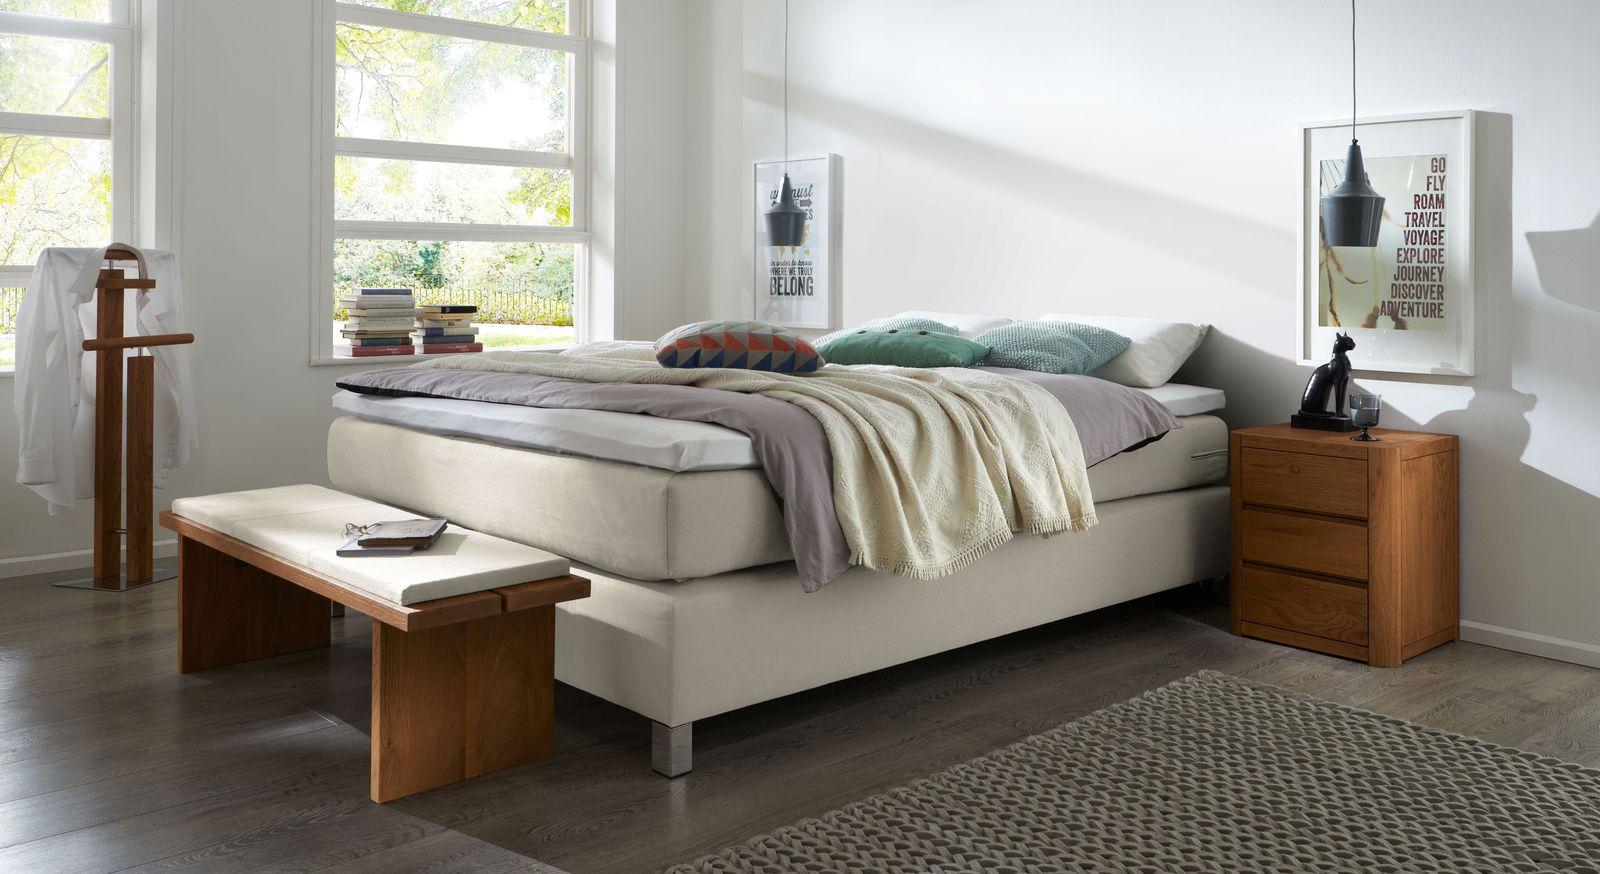 Boxspringliege Paguera mit passenden Schlafzimmermöbeln